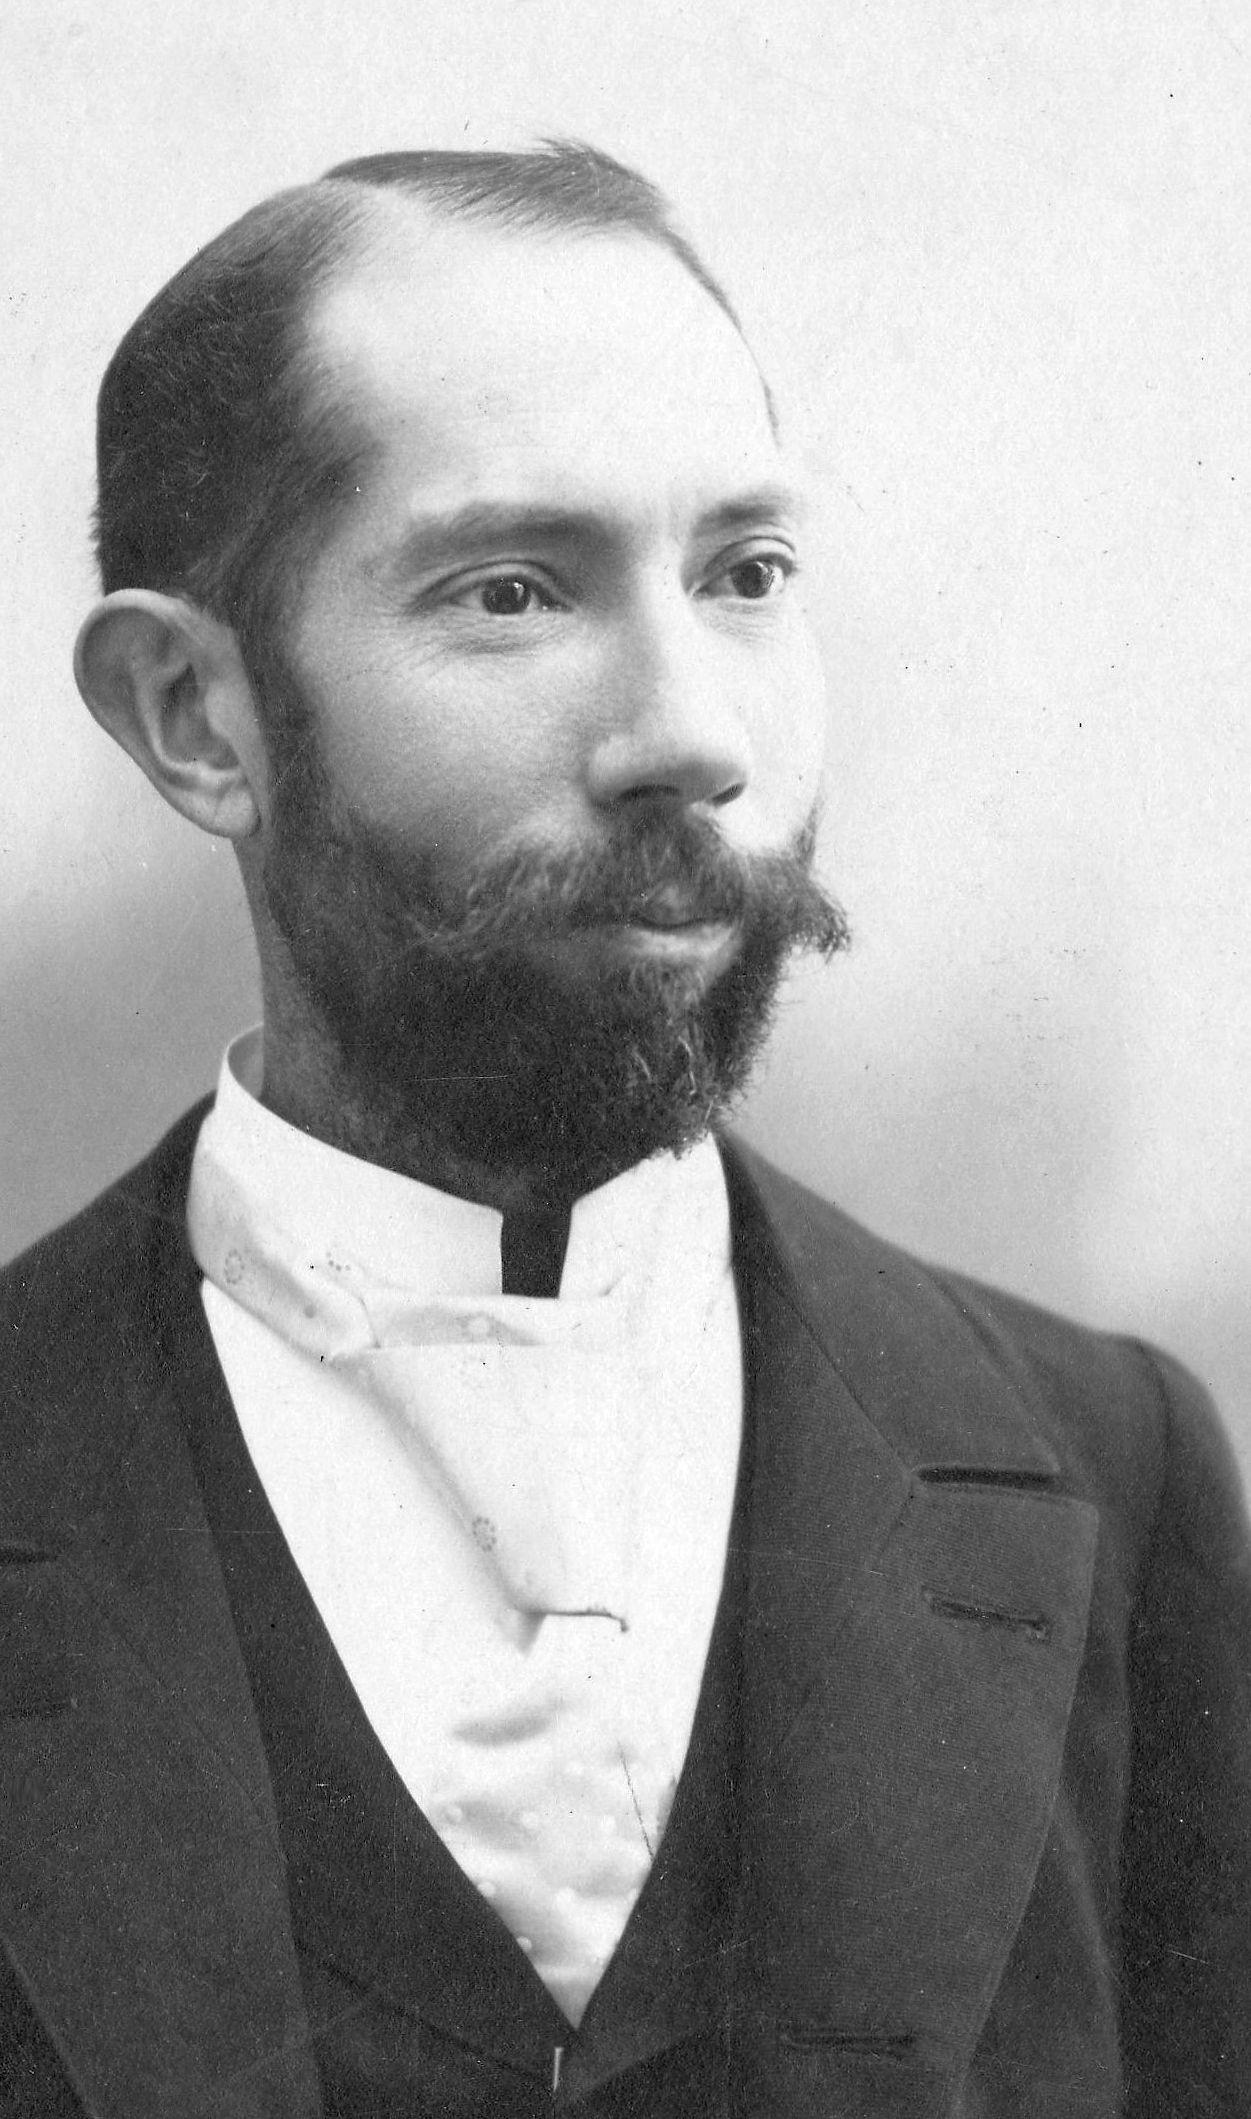 Jack, William Thomas